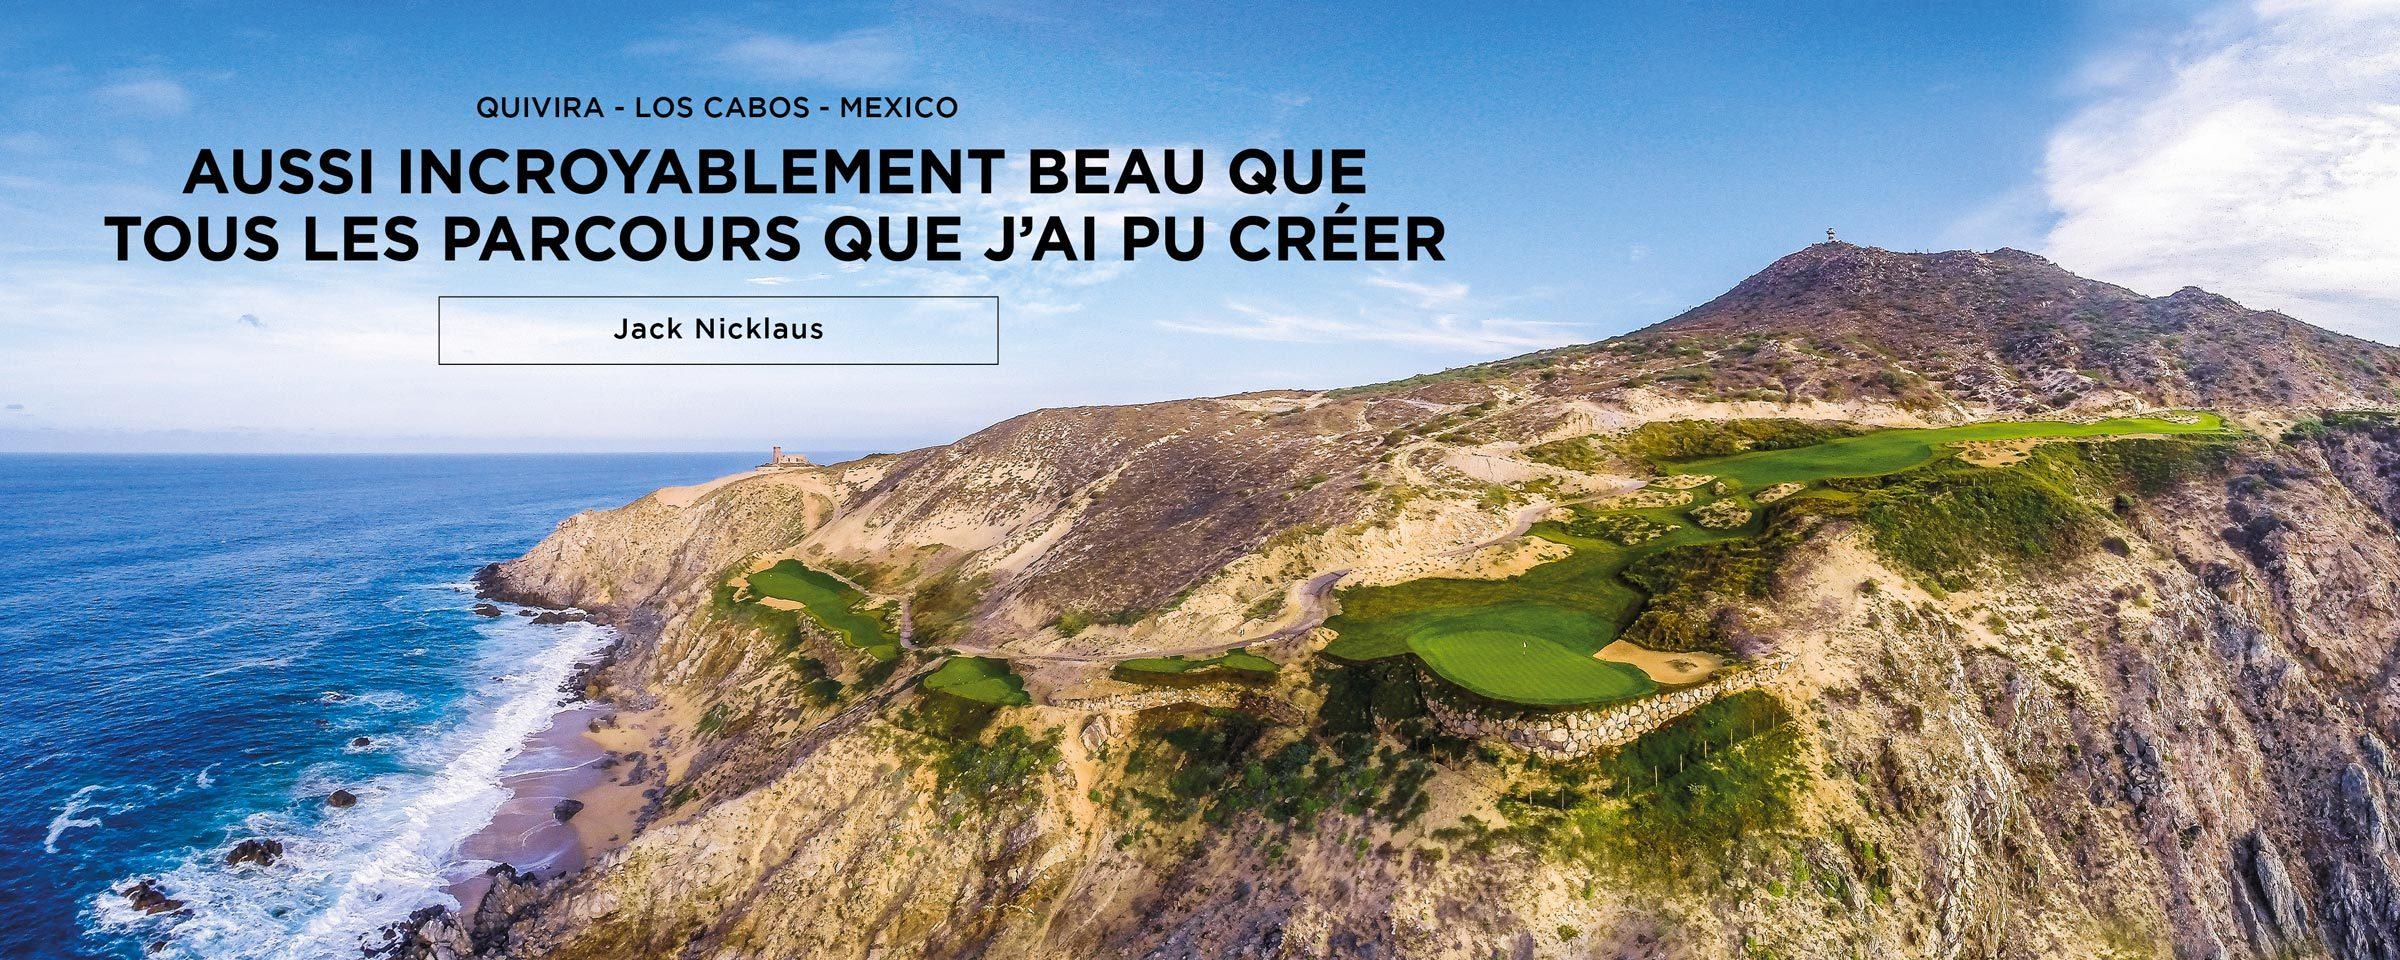 Quivira, Los Cabos, Mexico